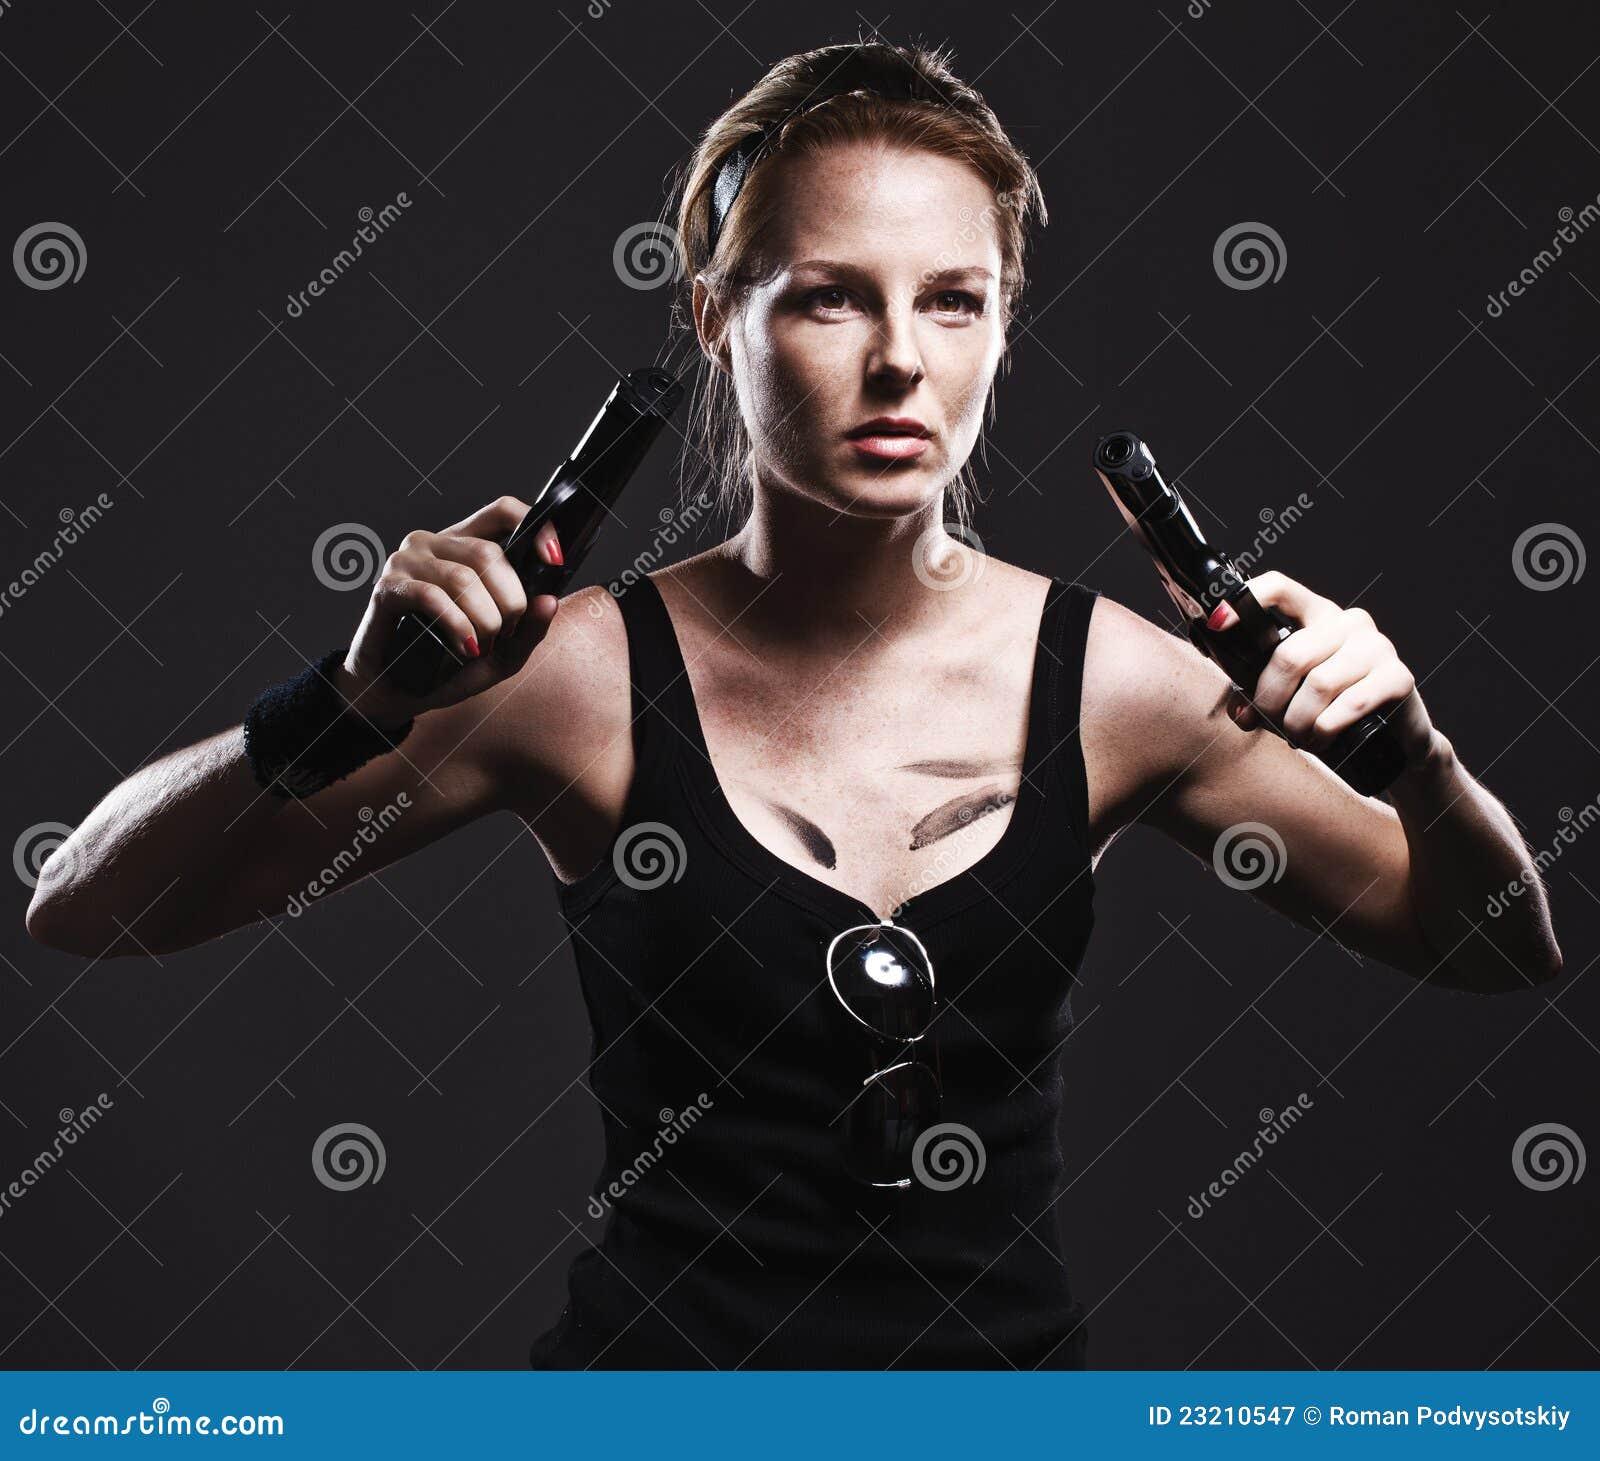 Gun Woman Royalty Free Stock Image - Image: 15253826